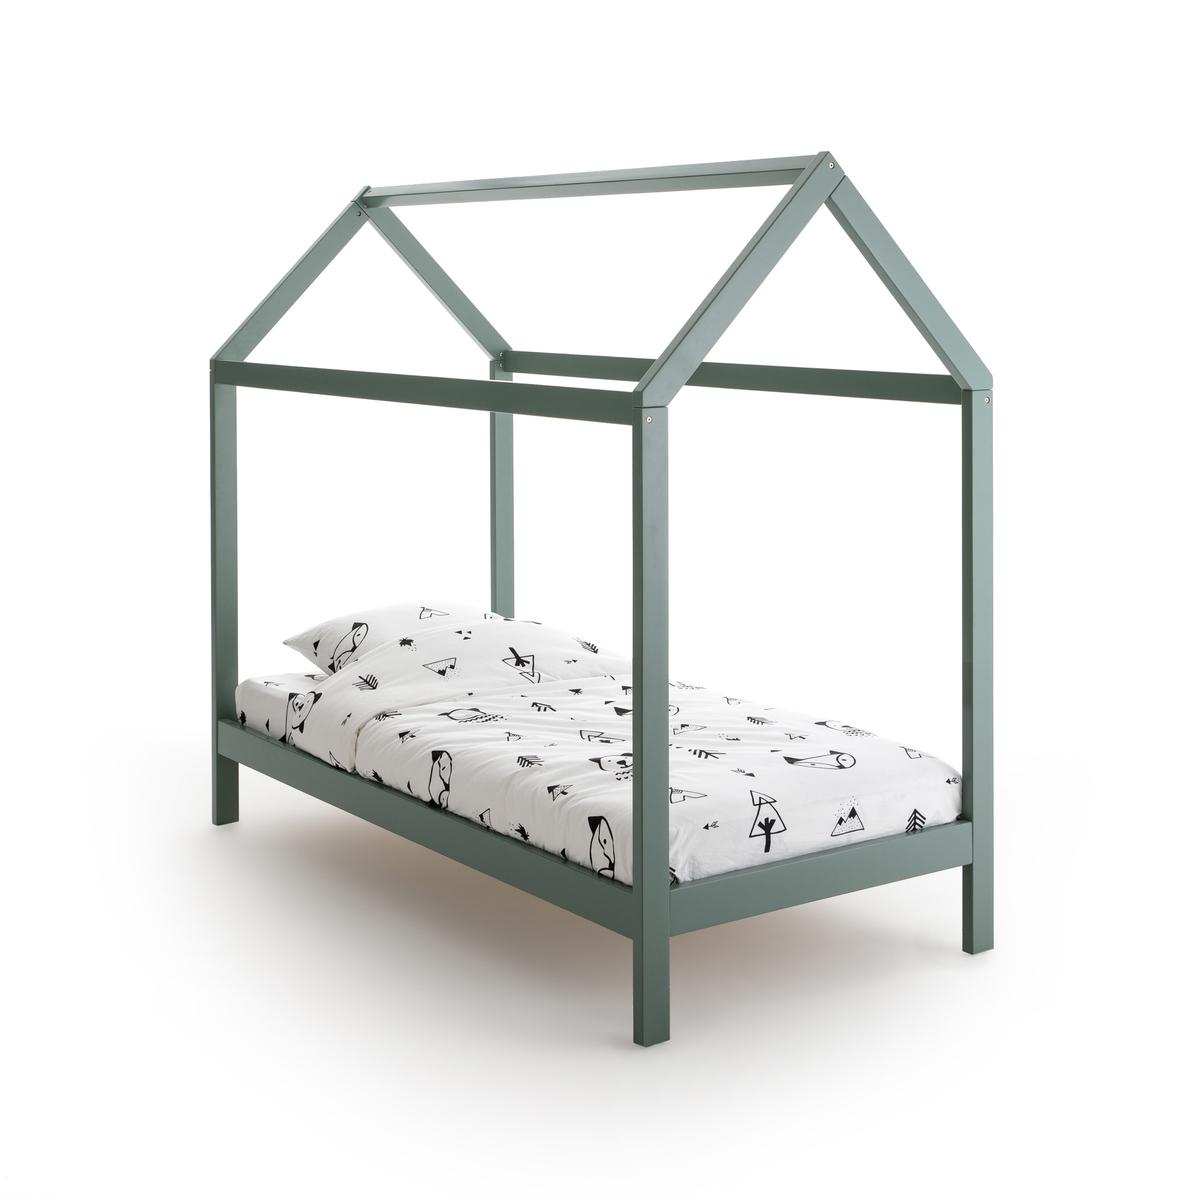 Кровать-шатер LaRedoute Из массива сосны Archi 90 x 190 см зеленый